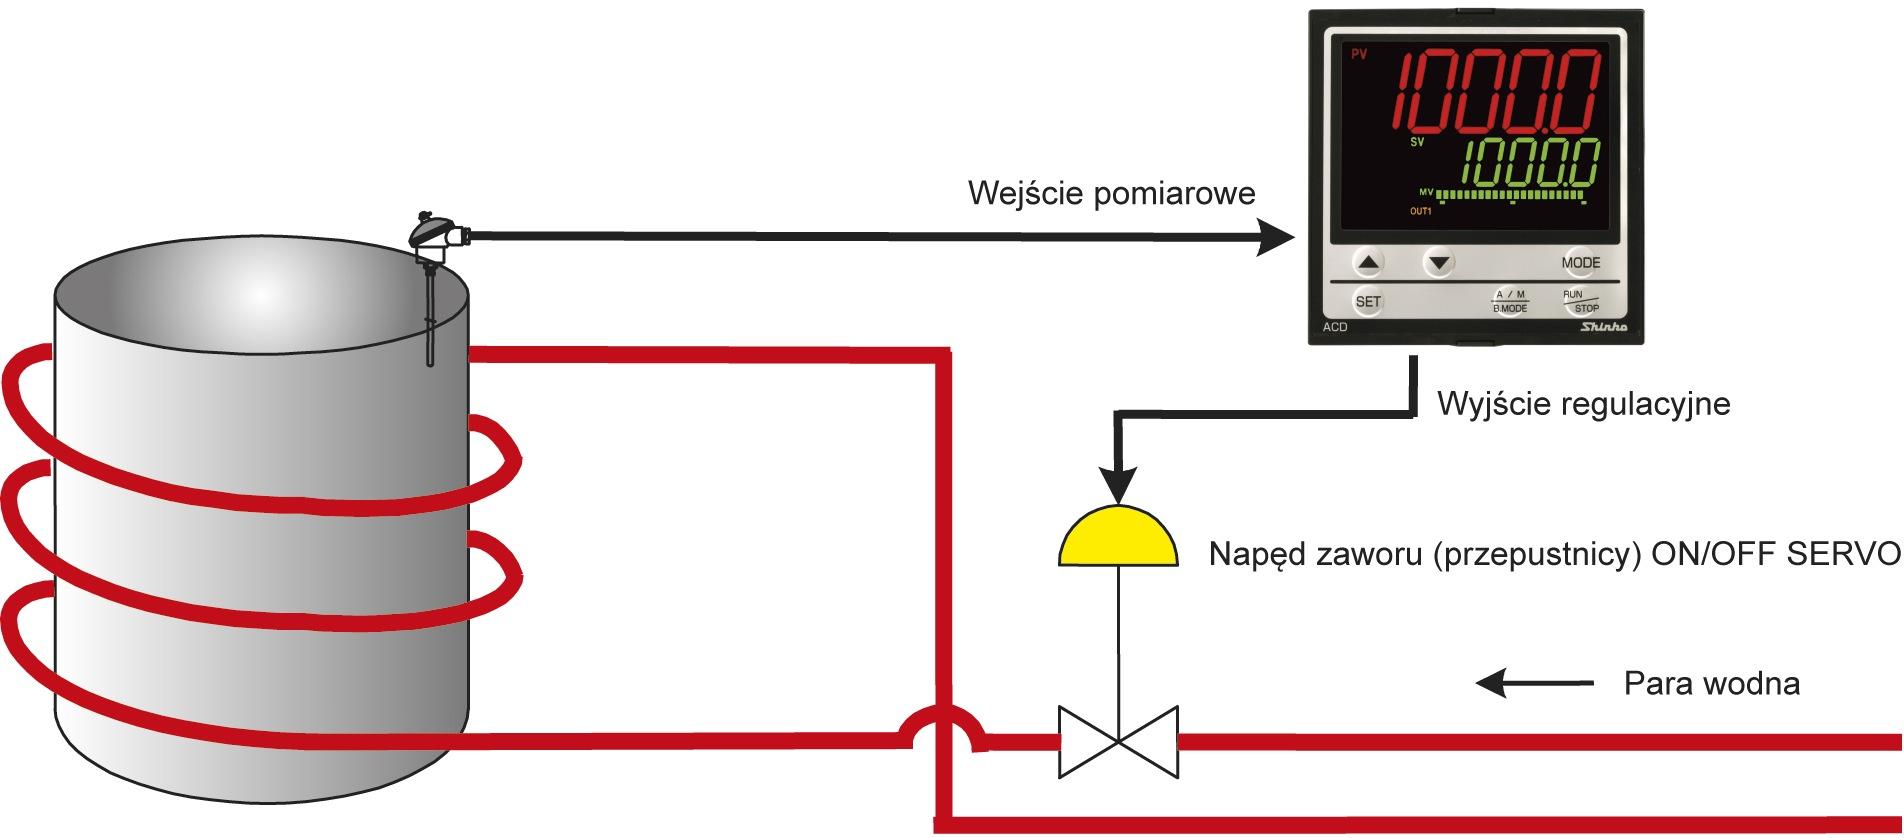 Regulator trojstawny (krokowy) ACD-15A do sterowania zaworami (SERVO ON/OFF) - https://acse.pl